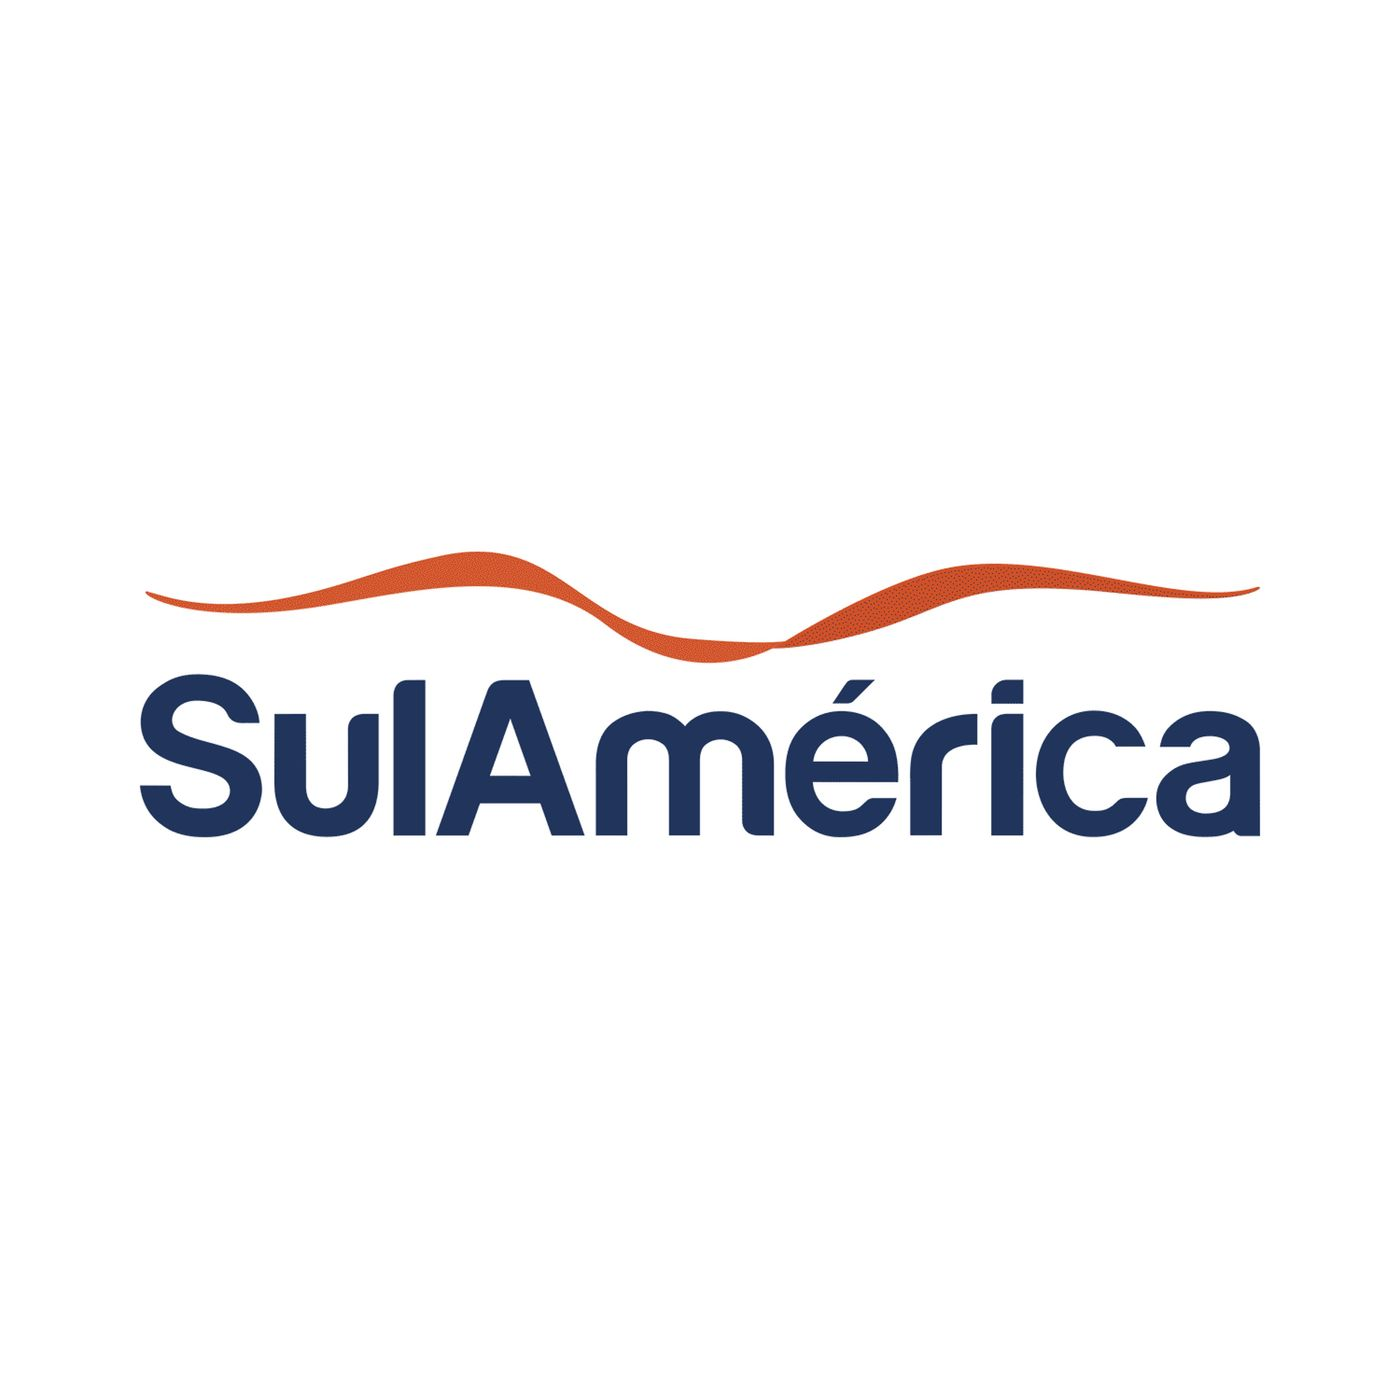 Teleconferência do Resultado da Sulamerica SULA11 2t20